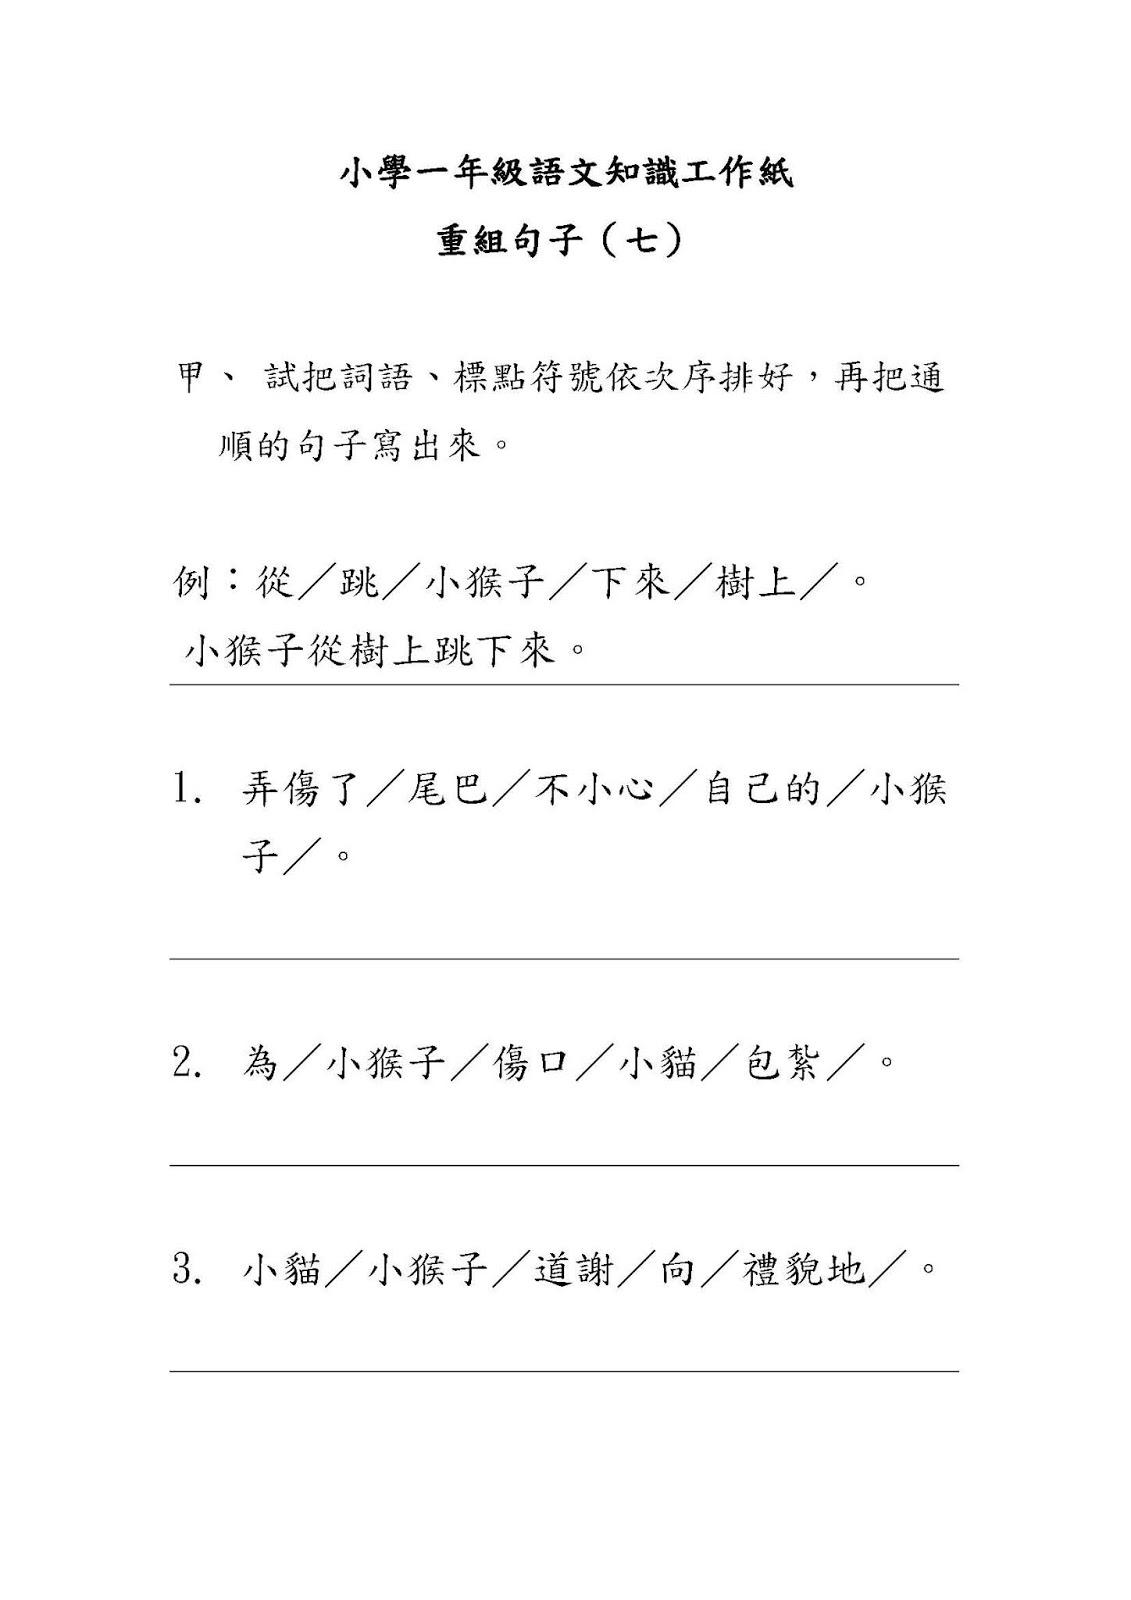 小一語文知識工作紙:重組句子(七)|中文工作紙|尤莉姐姐的反轉學堂